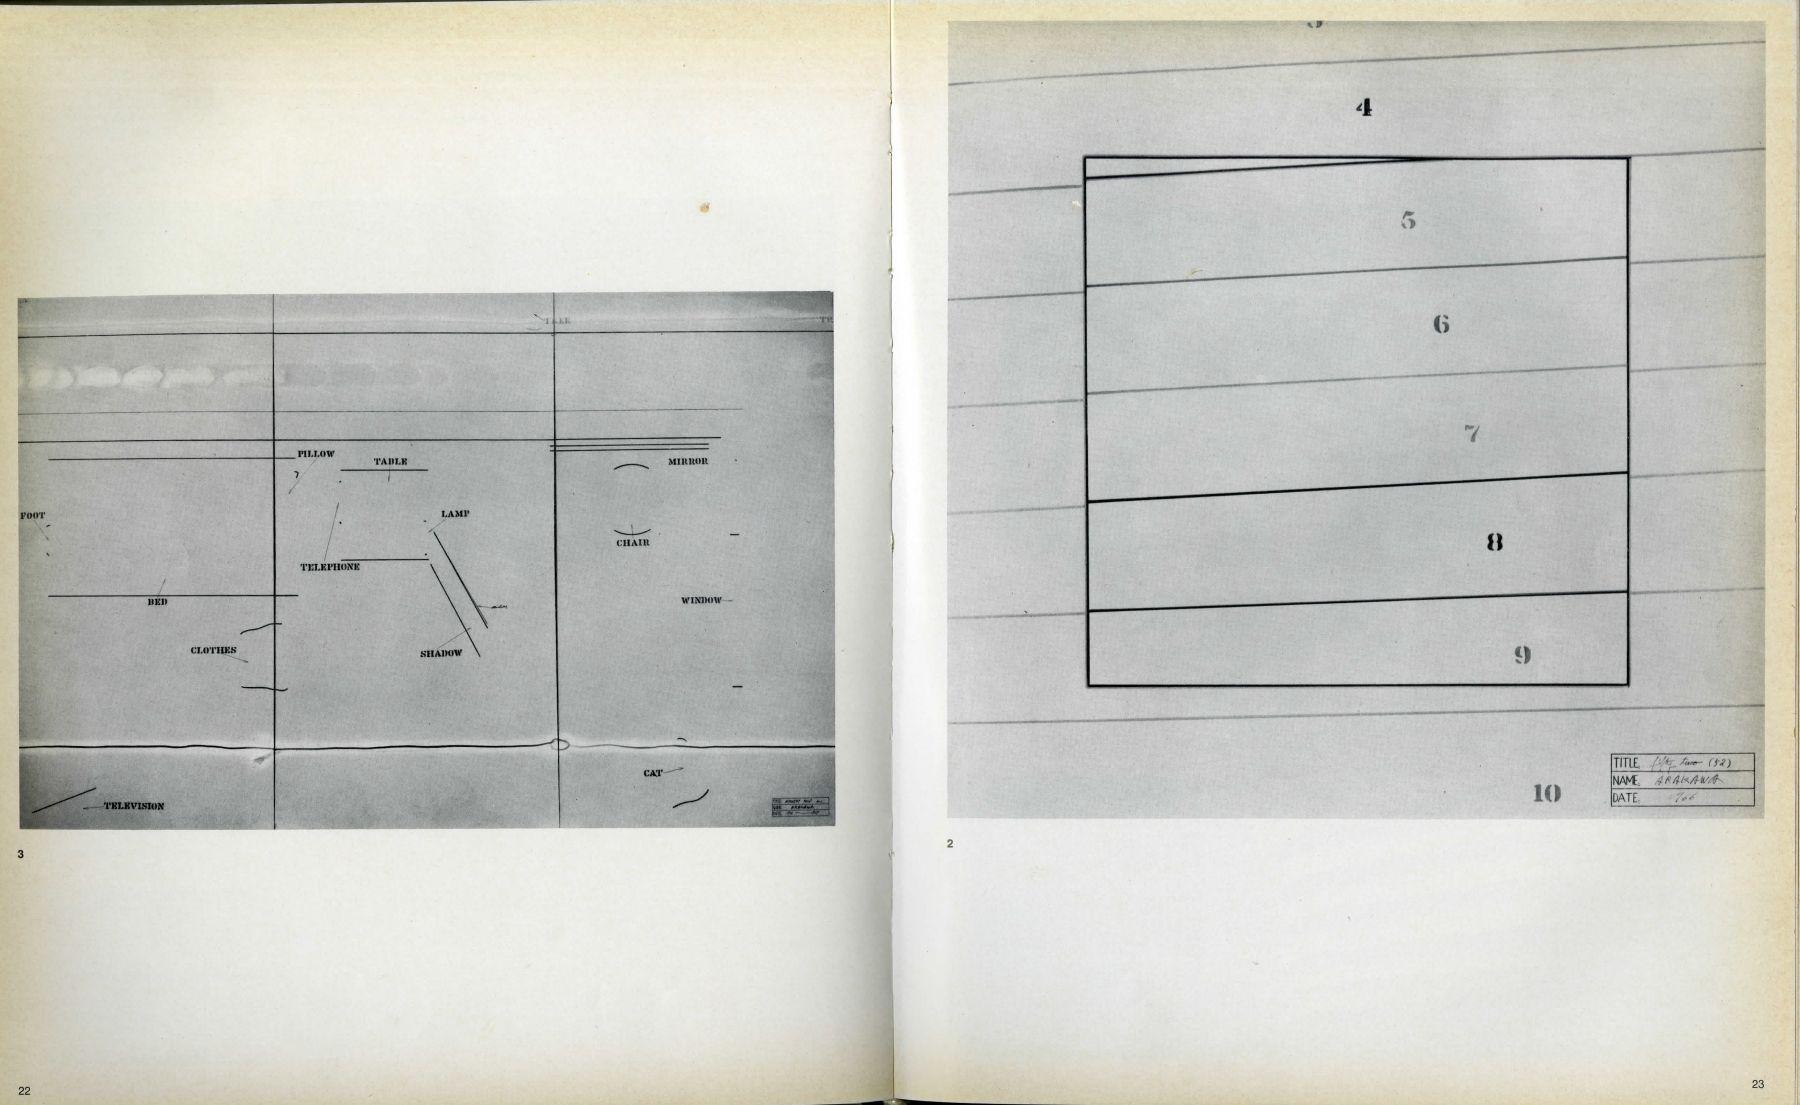 documenta 4 images 1c